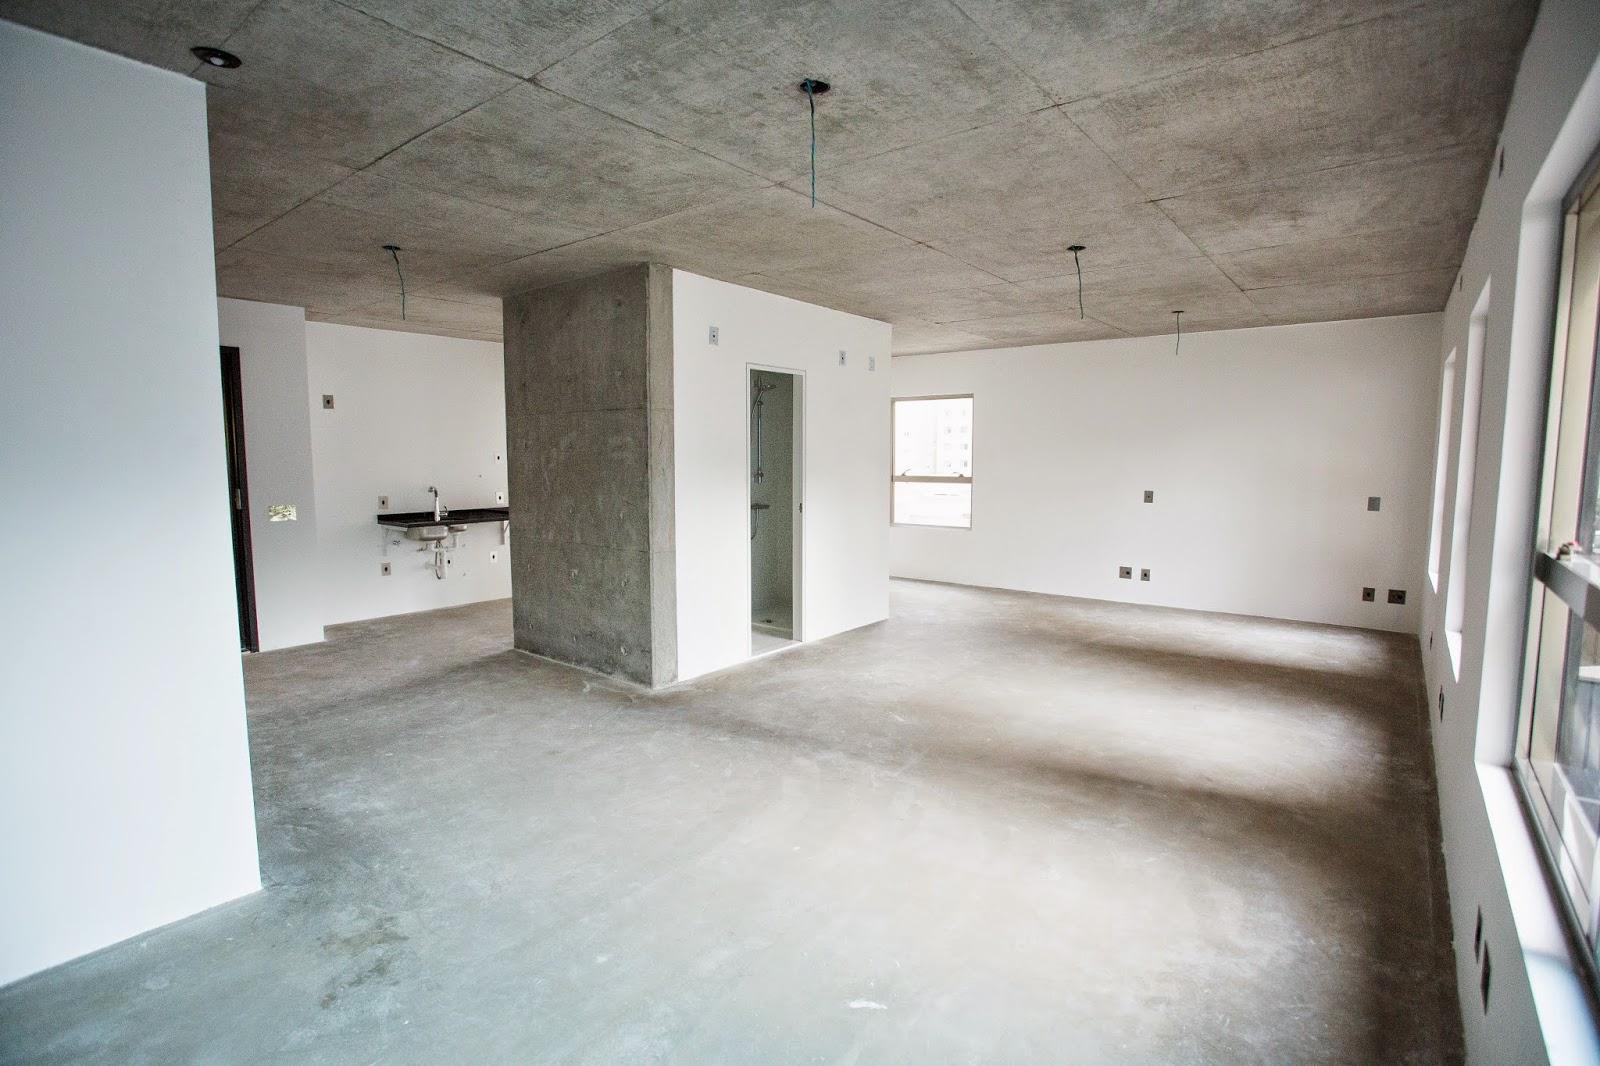 MAXHAUS UTILIZA O CONCEITO DE ARQUITETURABERTA Panorama de Negócios #595146 1600x1066 Banheiro Cimento Queimado E Pastilhas